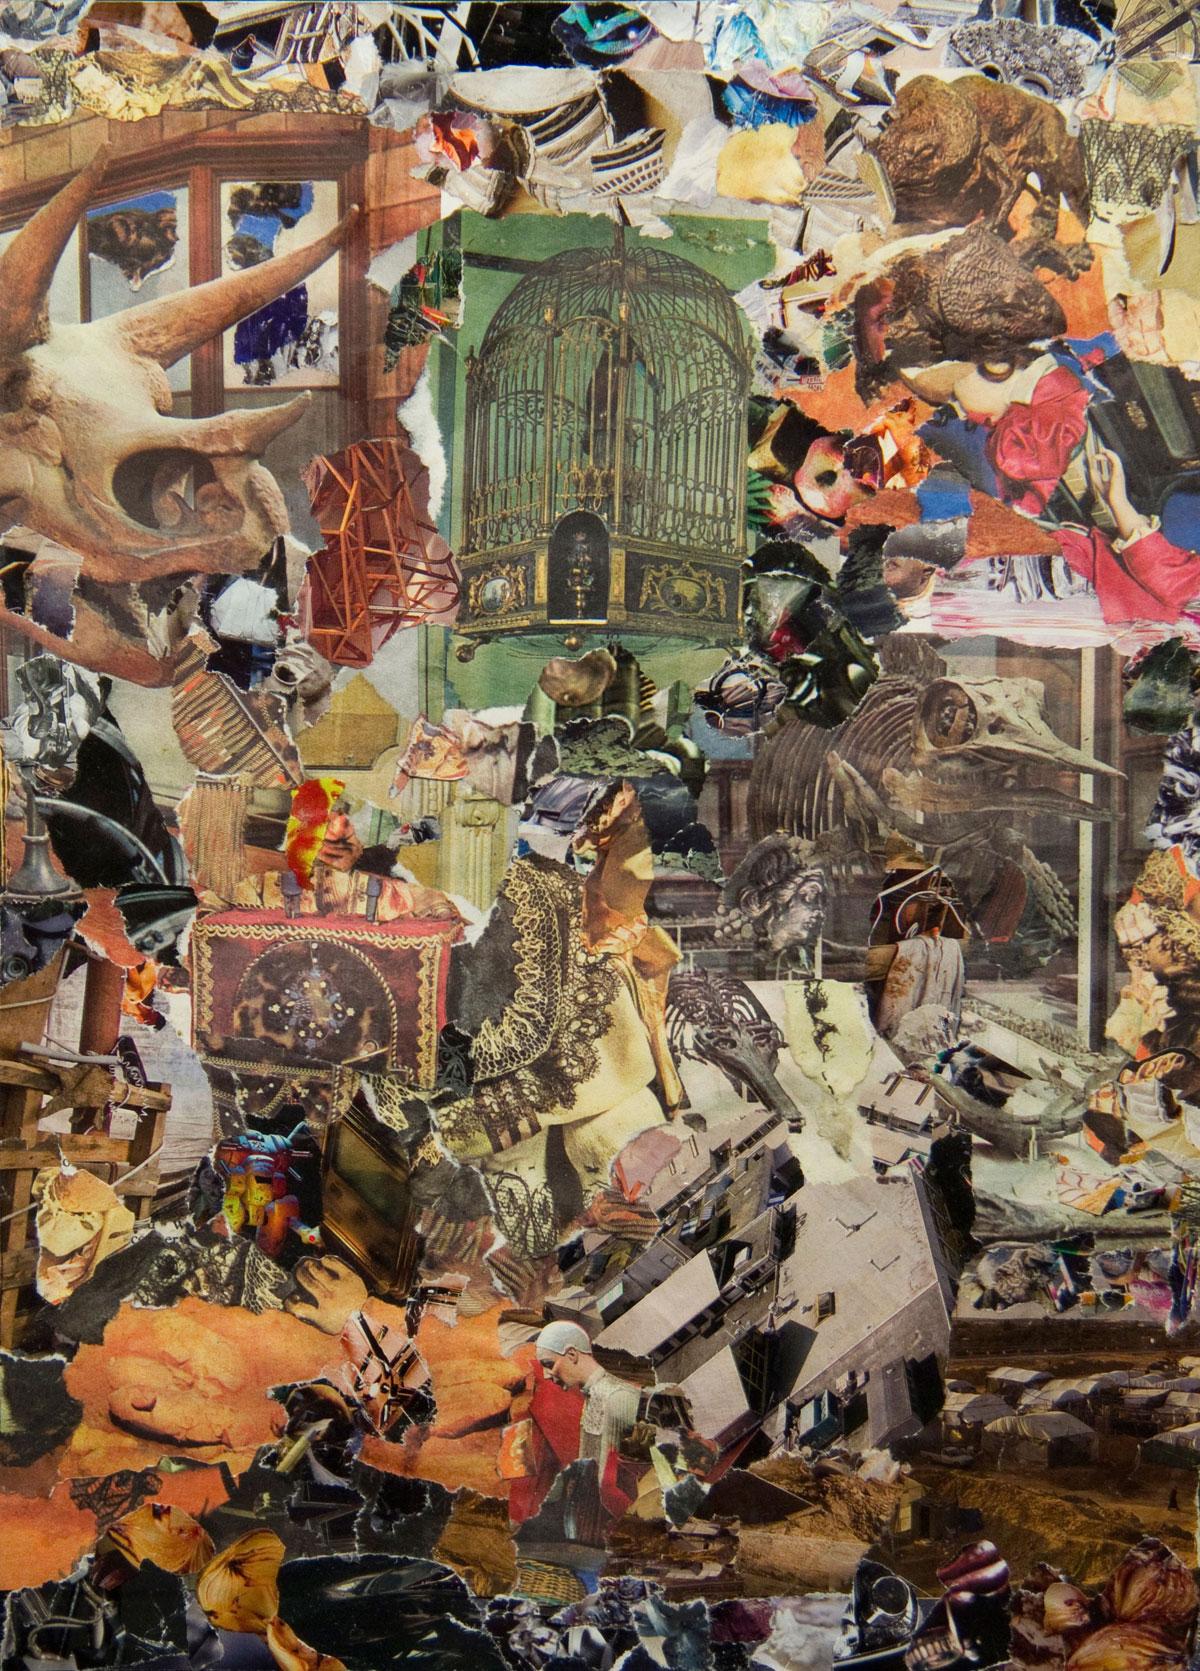 Philippe Briard - Les Cages dentelées, 2011, collage, 32,5 x 23 cm